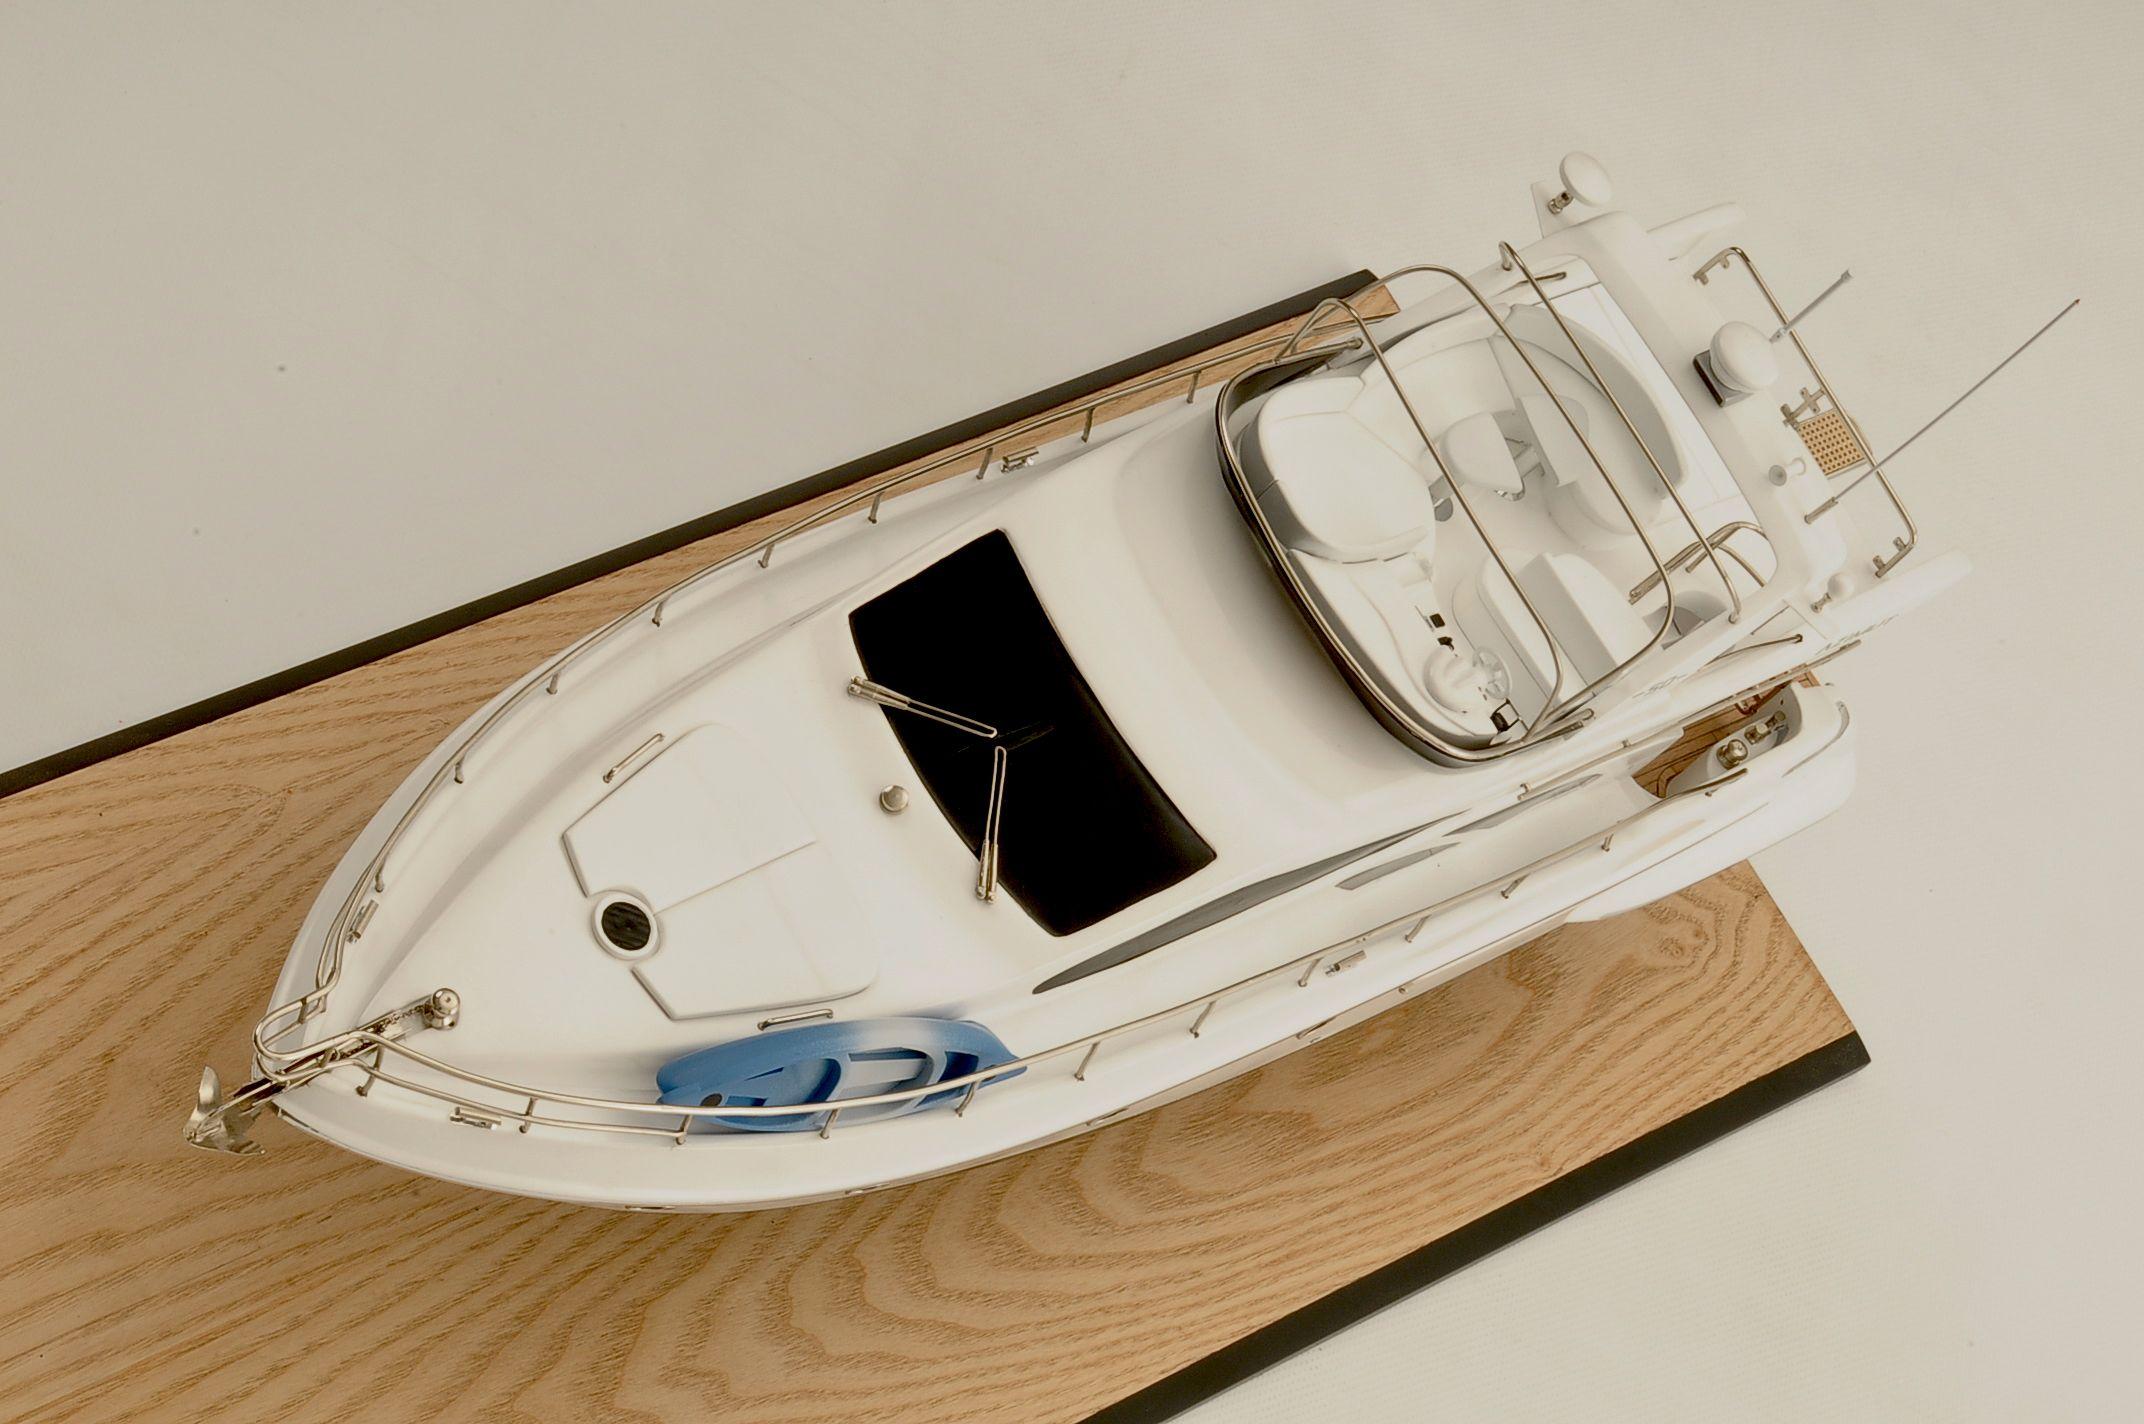 Azimut Model Yacht